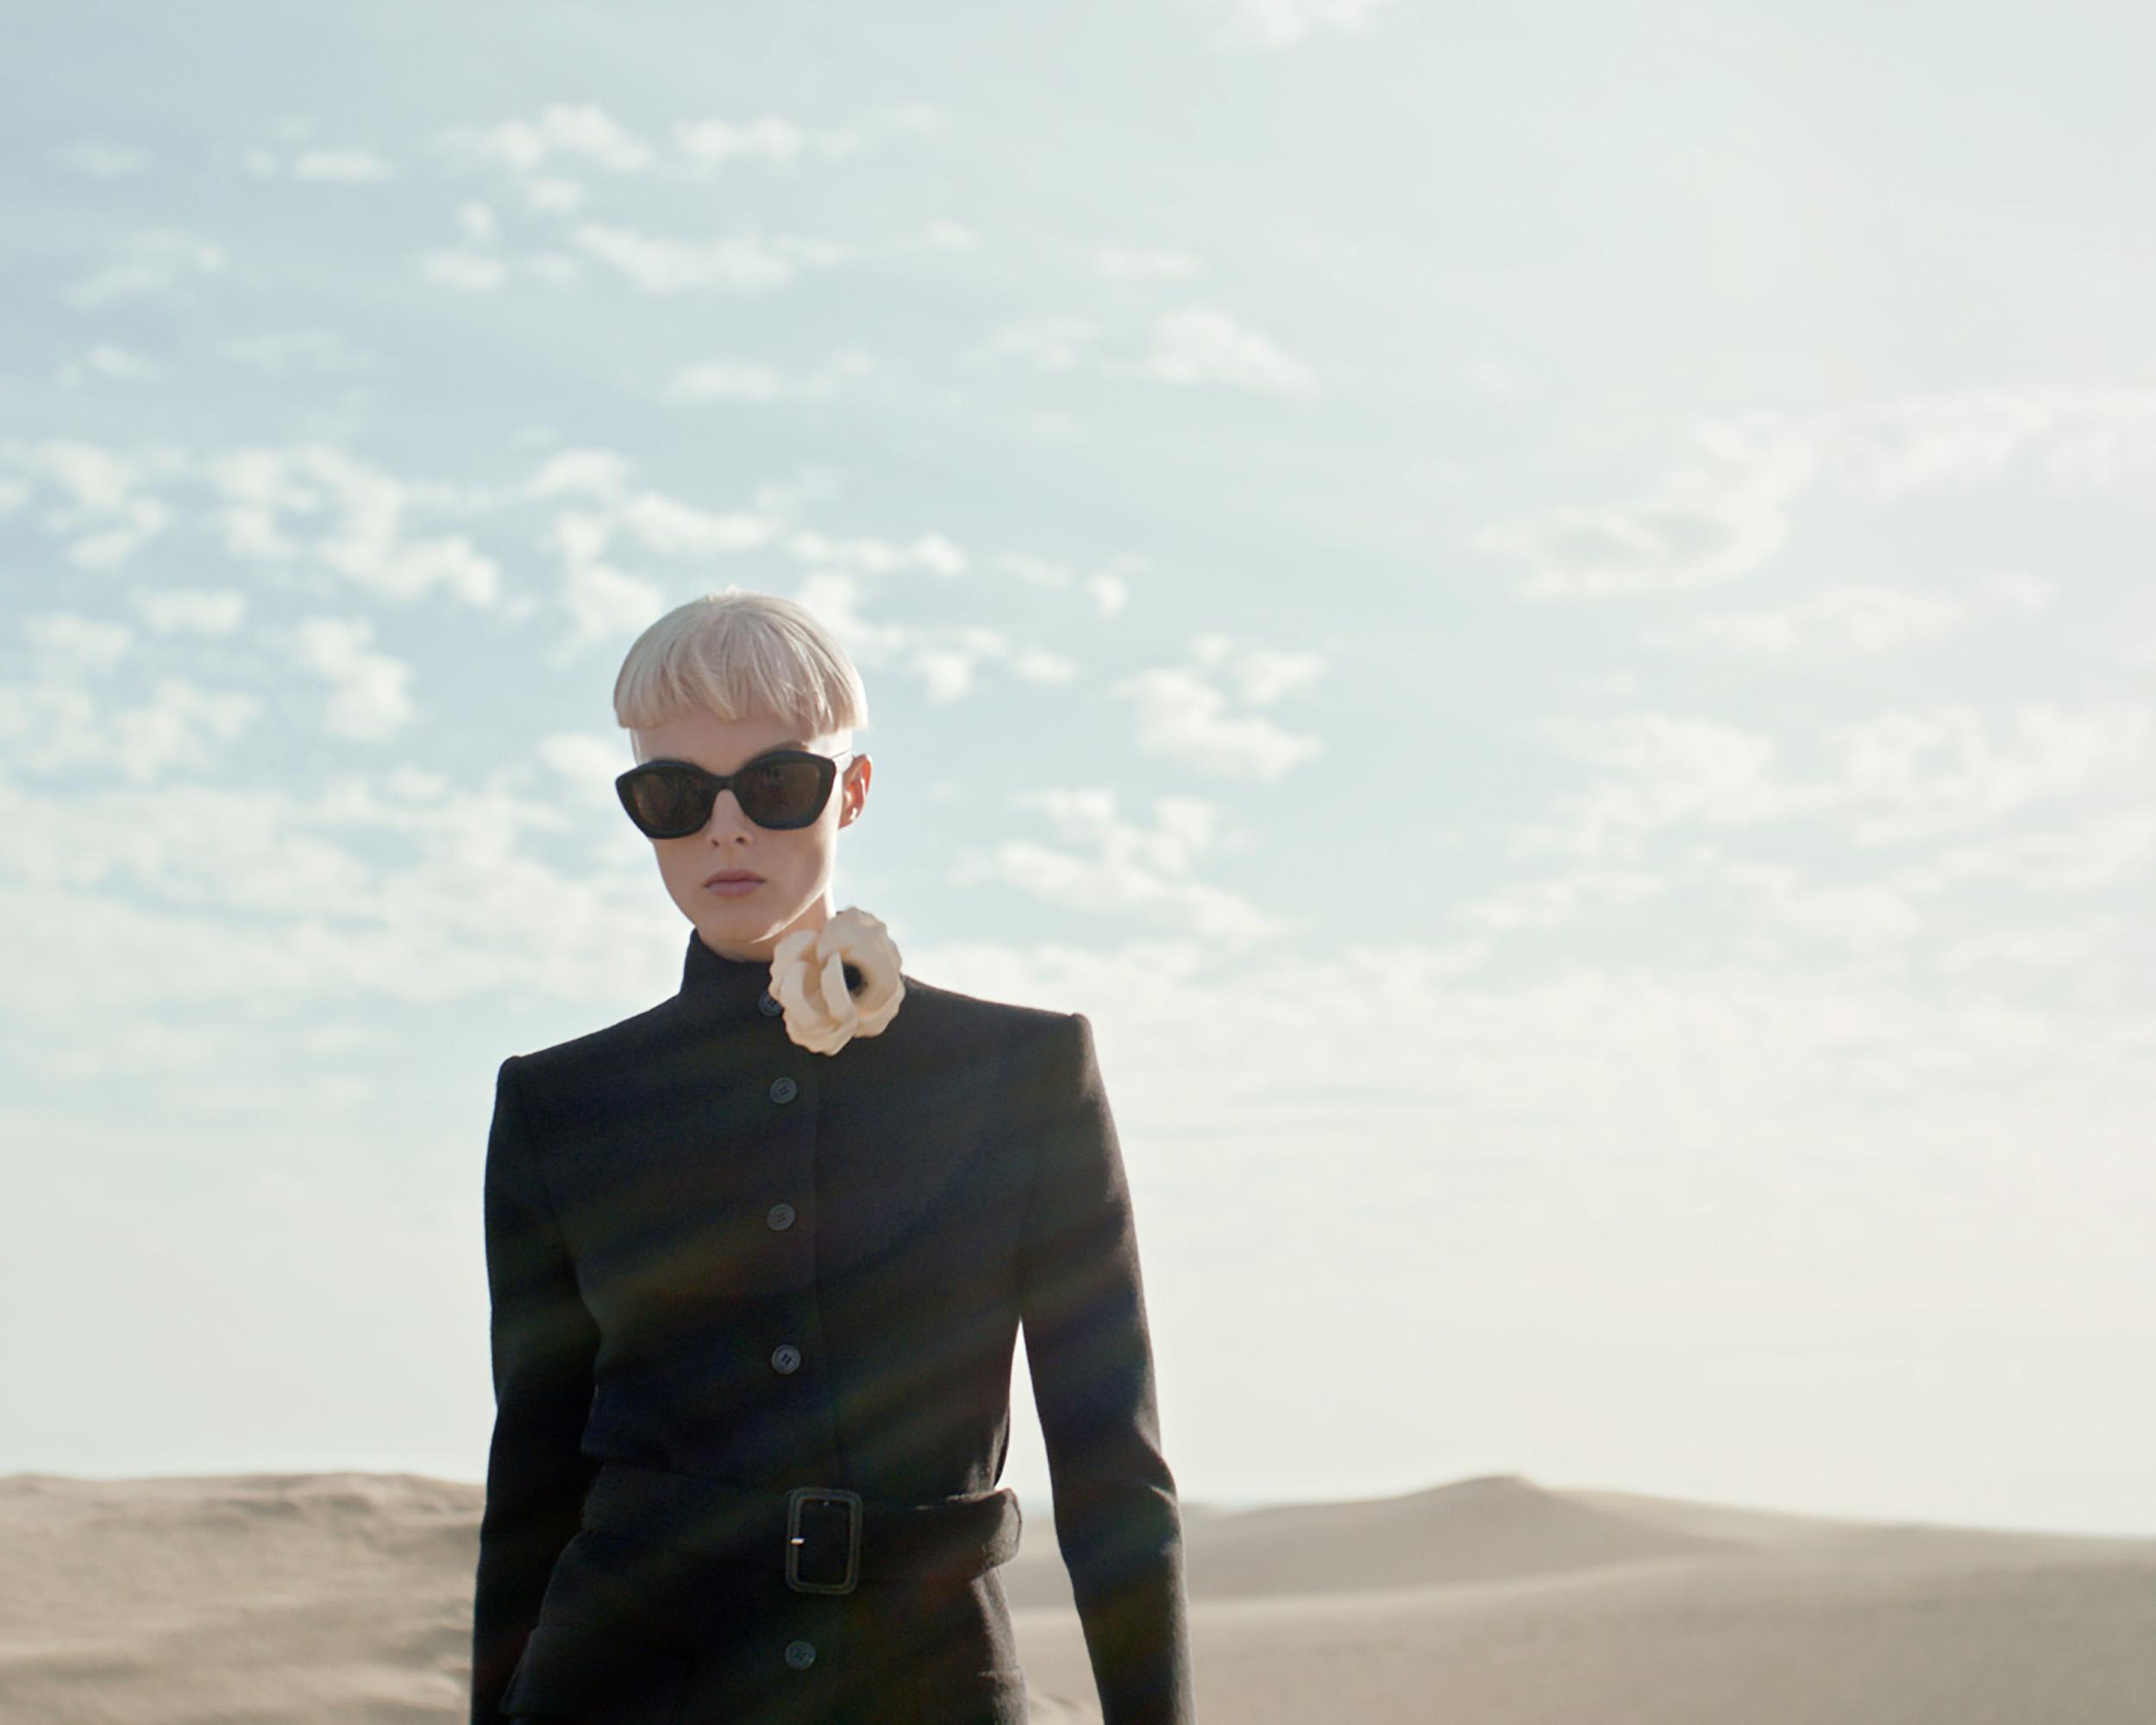 Saint Laurent turns a mysterious desert into a runway